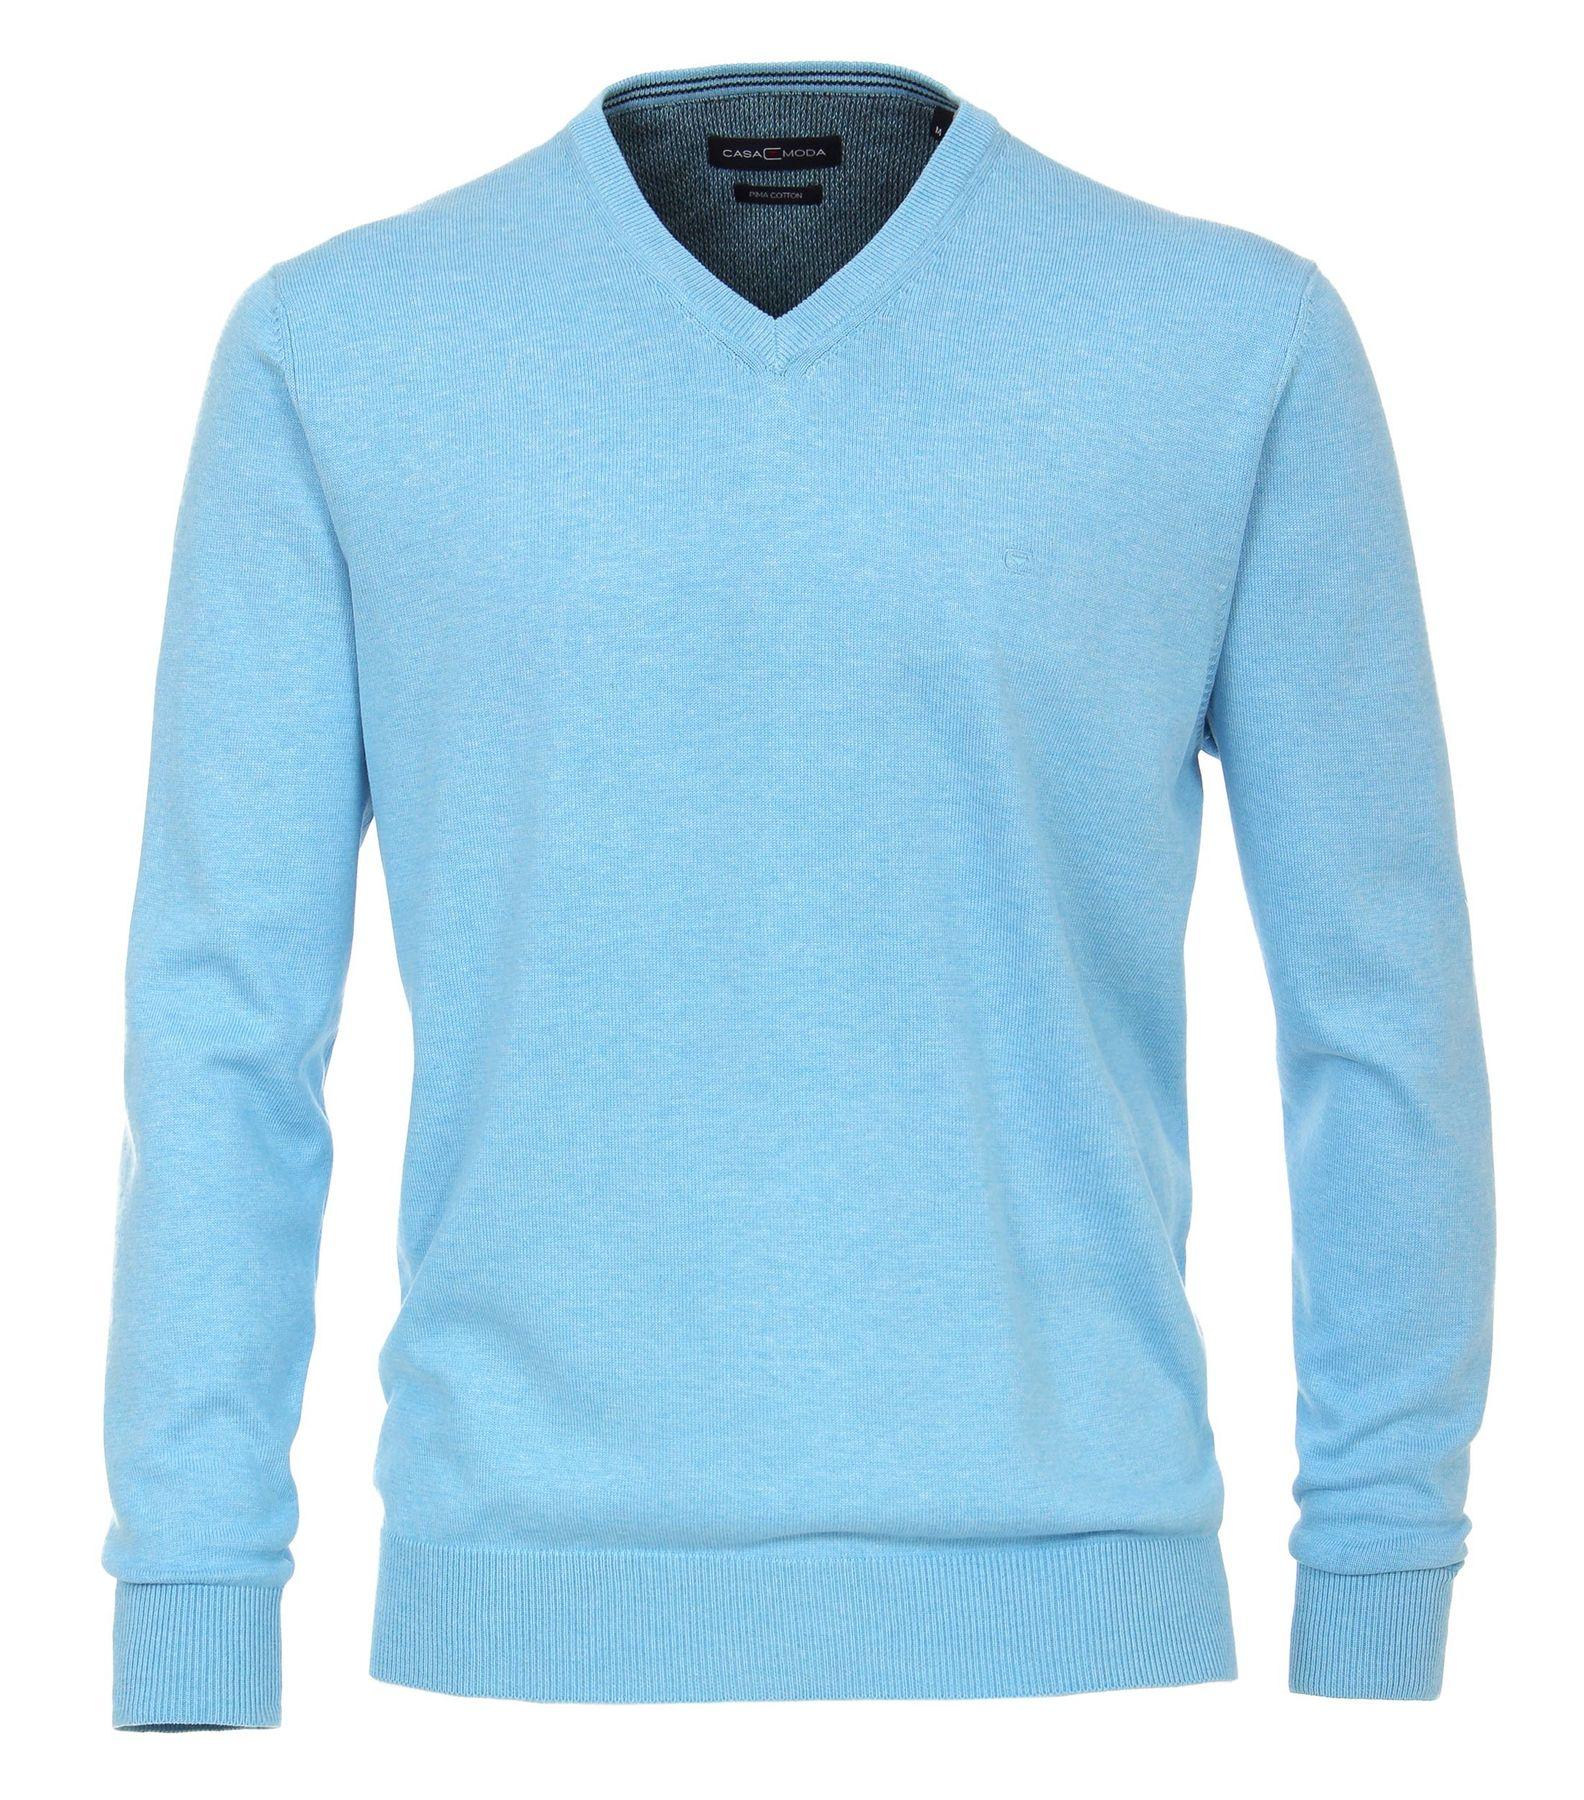 Bundle - Casa Moda - Herren Pullover mit V-Ausschnitt in verschiedenen Farben (004430) – Bild 2